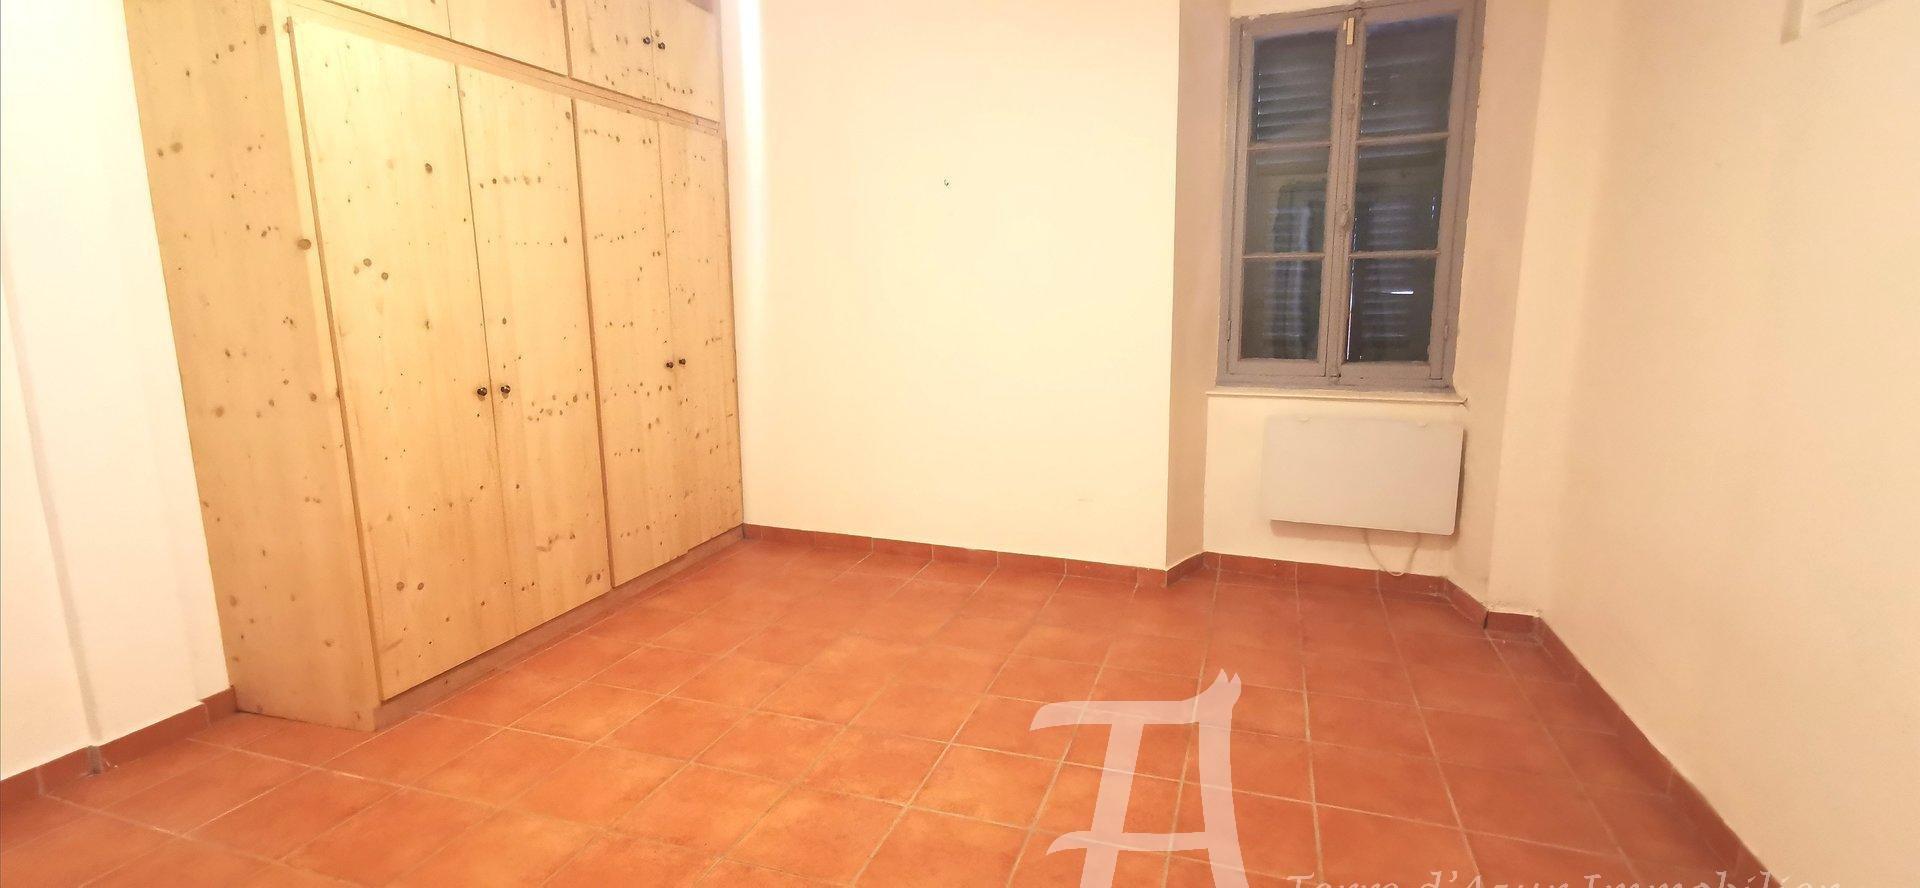 Vendita Appartamento - Sospello (Sospel)